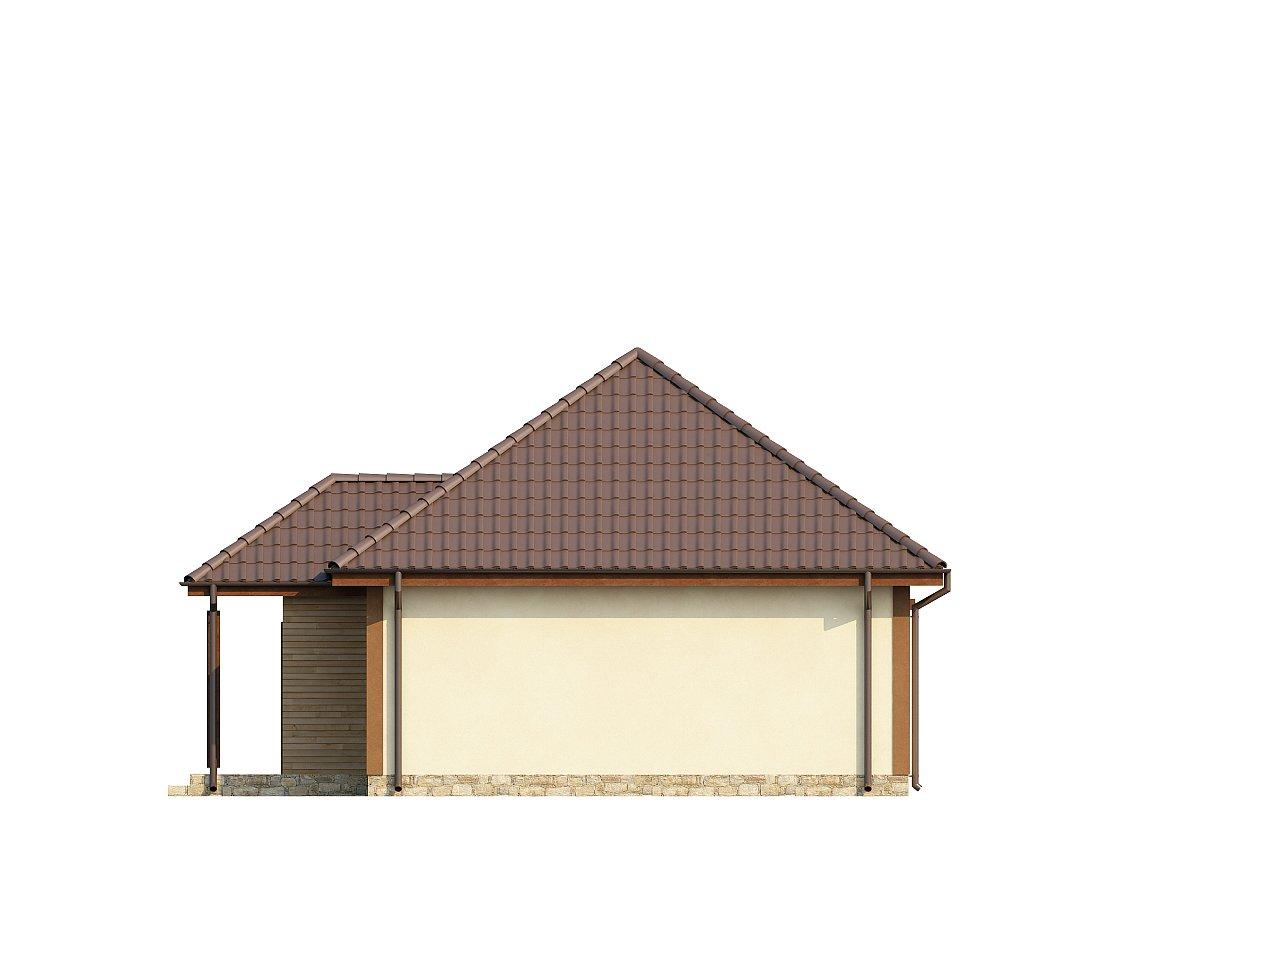 Проект маленького уютного дома с функциональной планировкой. Оснащен всем необходимым для постоянного проживания. - фото 6